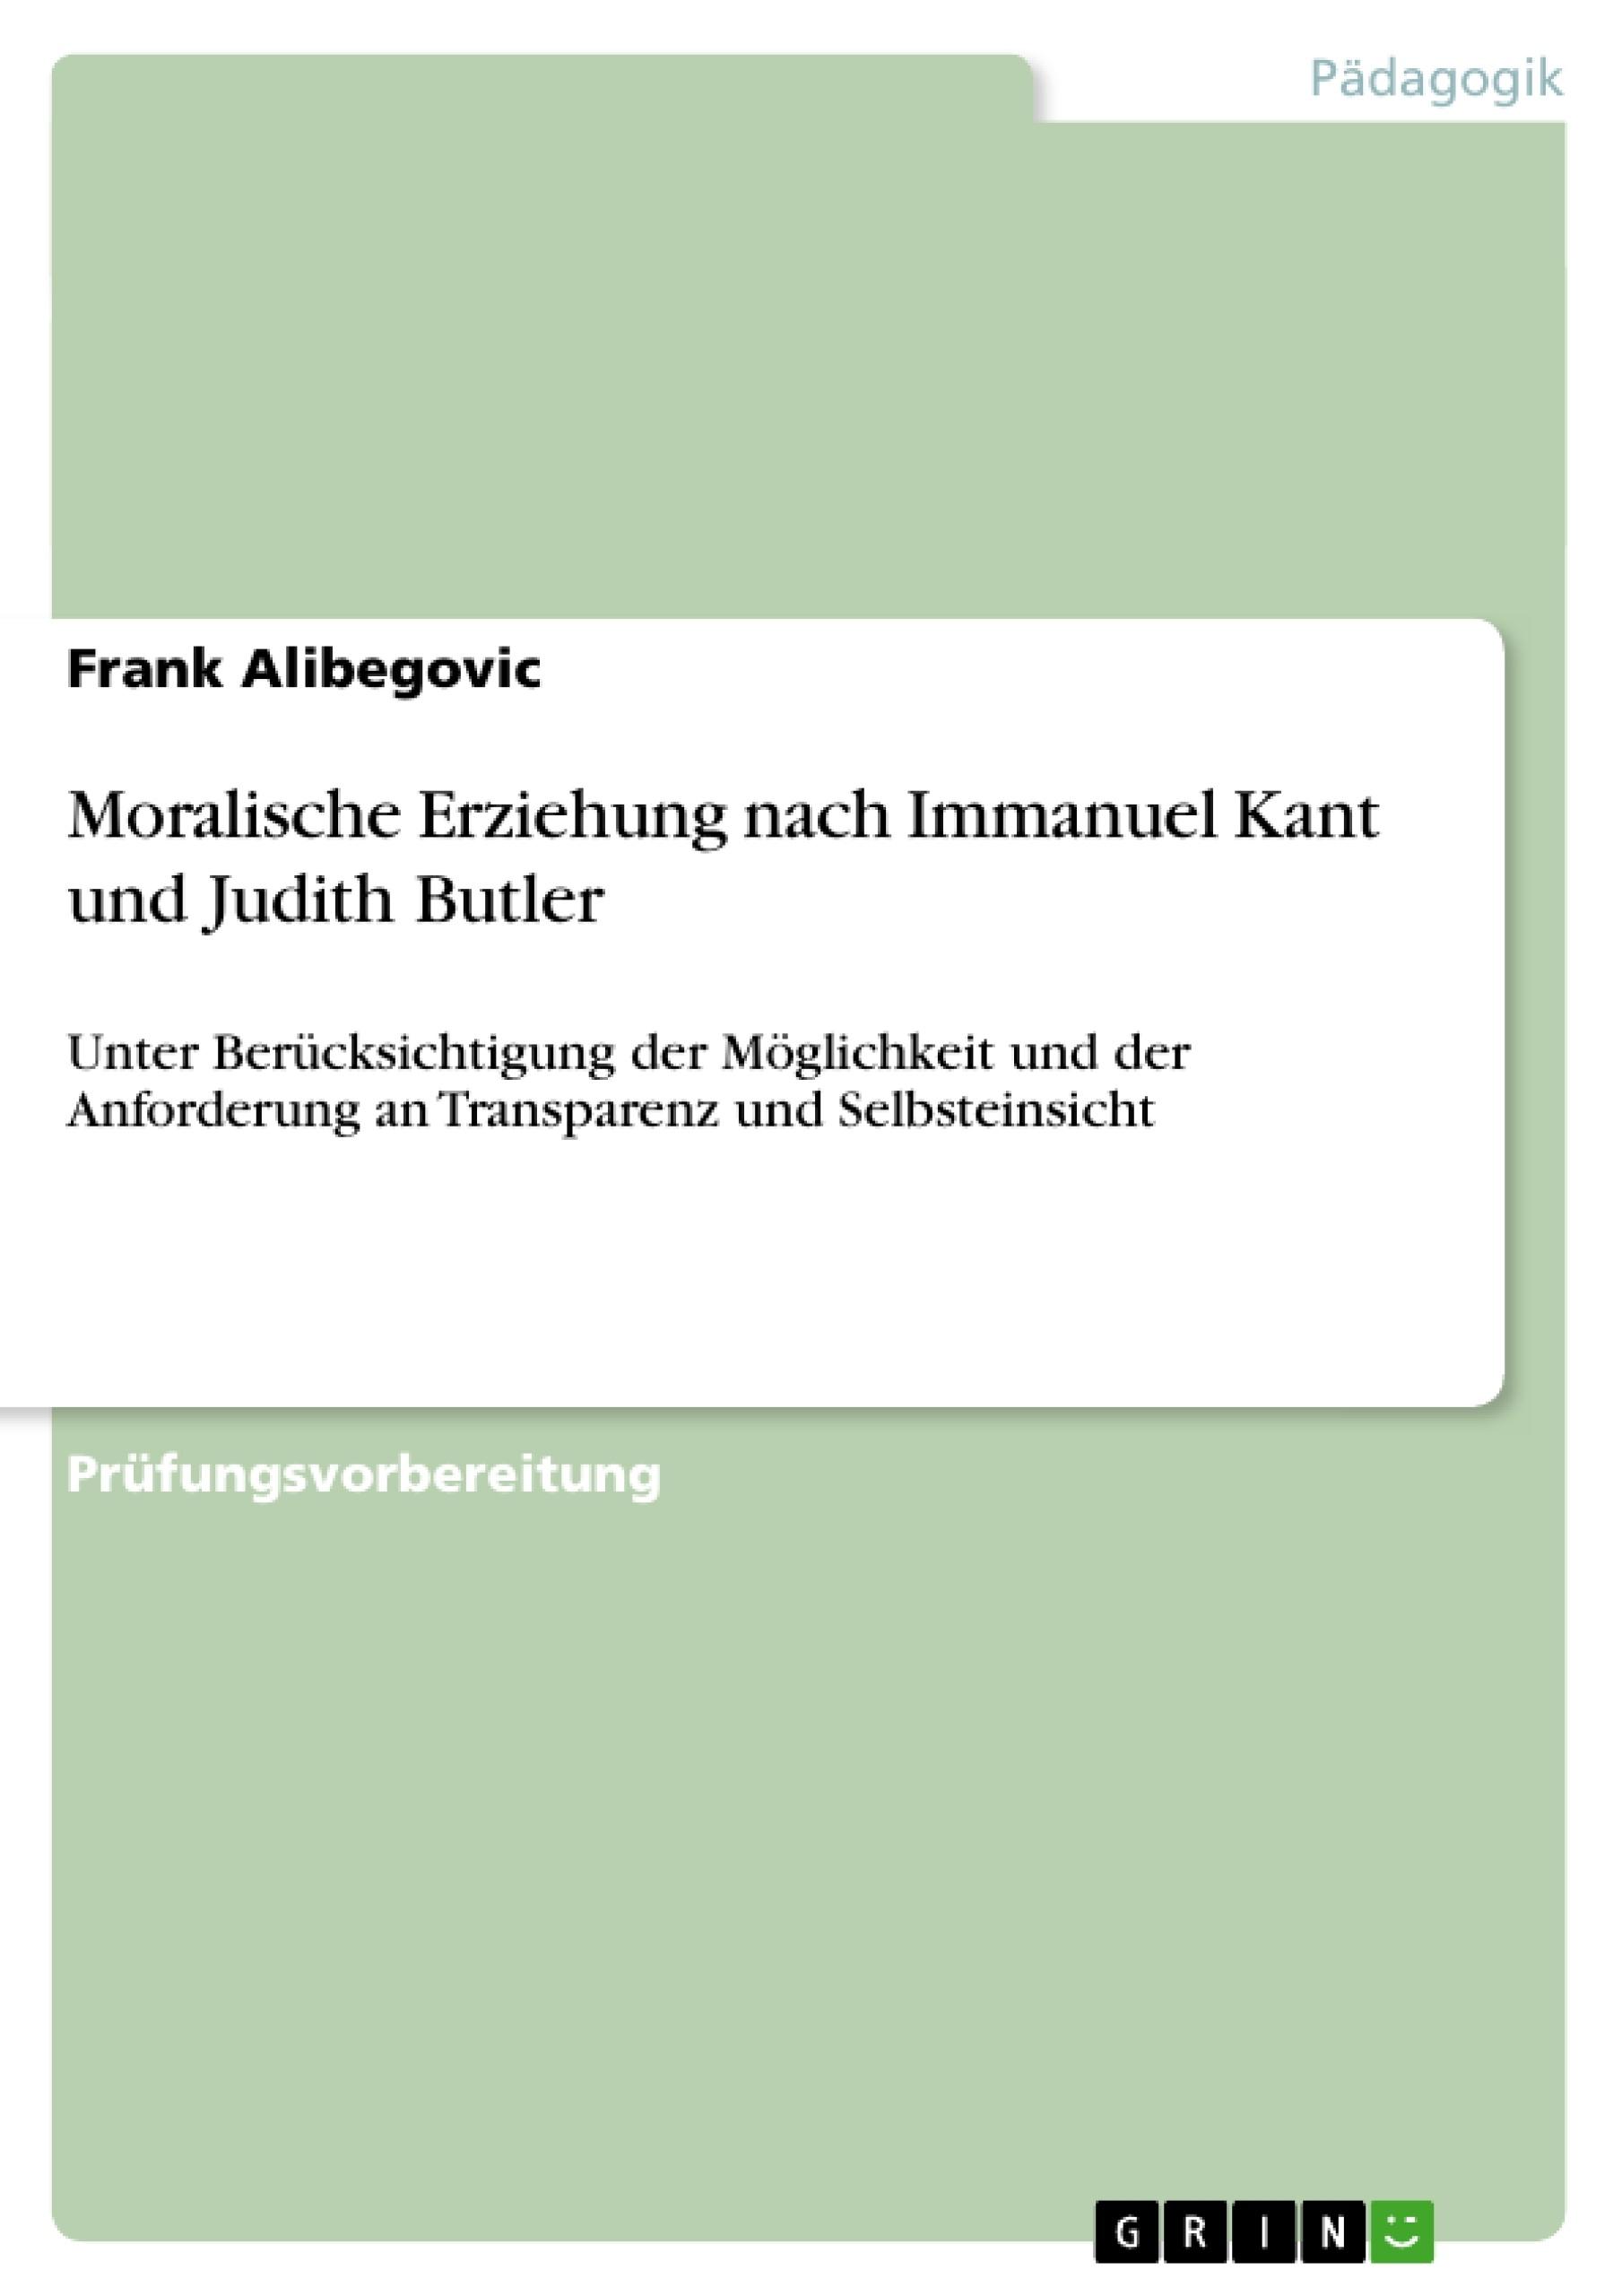 Titel: Moralische Erziehung nach Immanuel Kant und Judith Butler